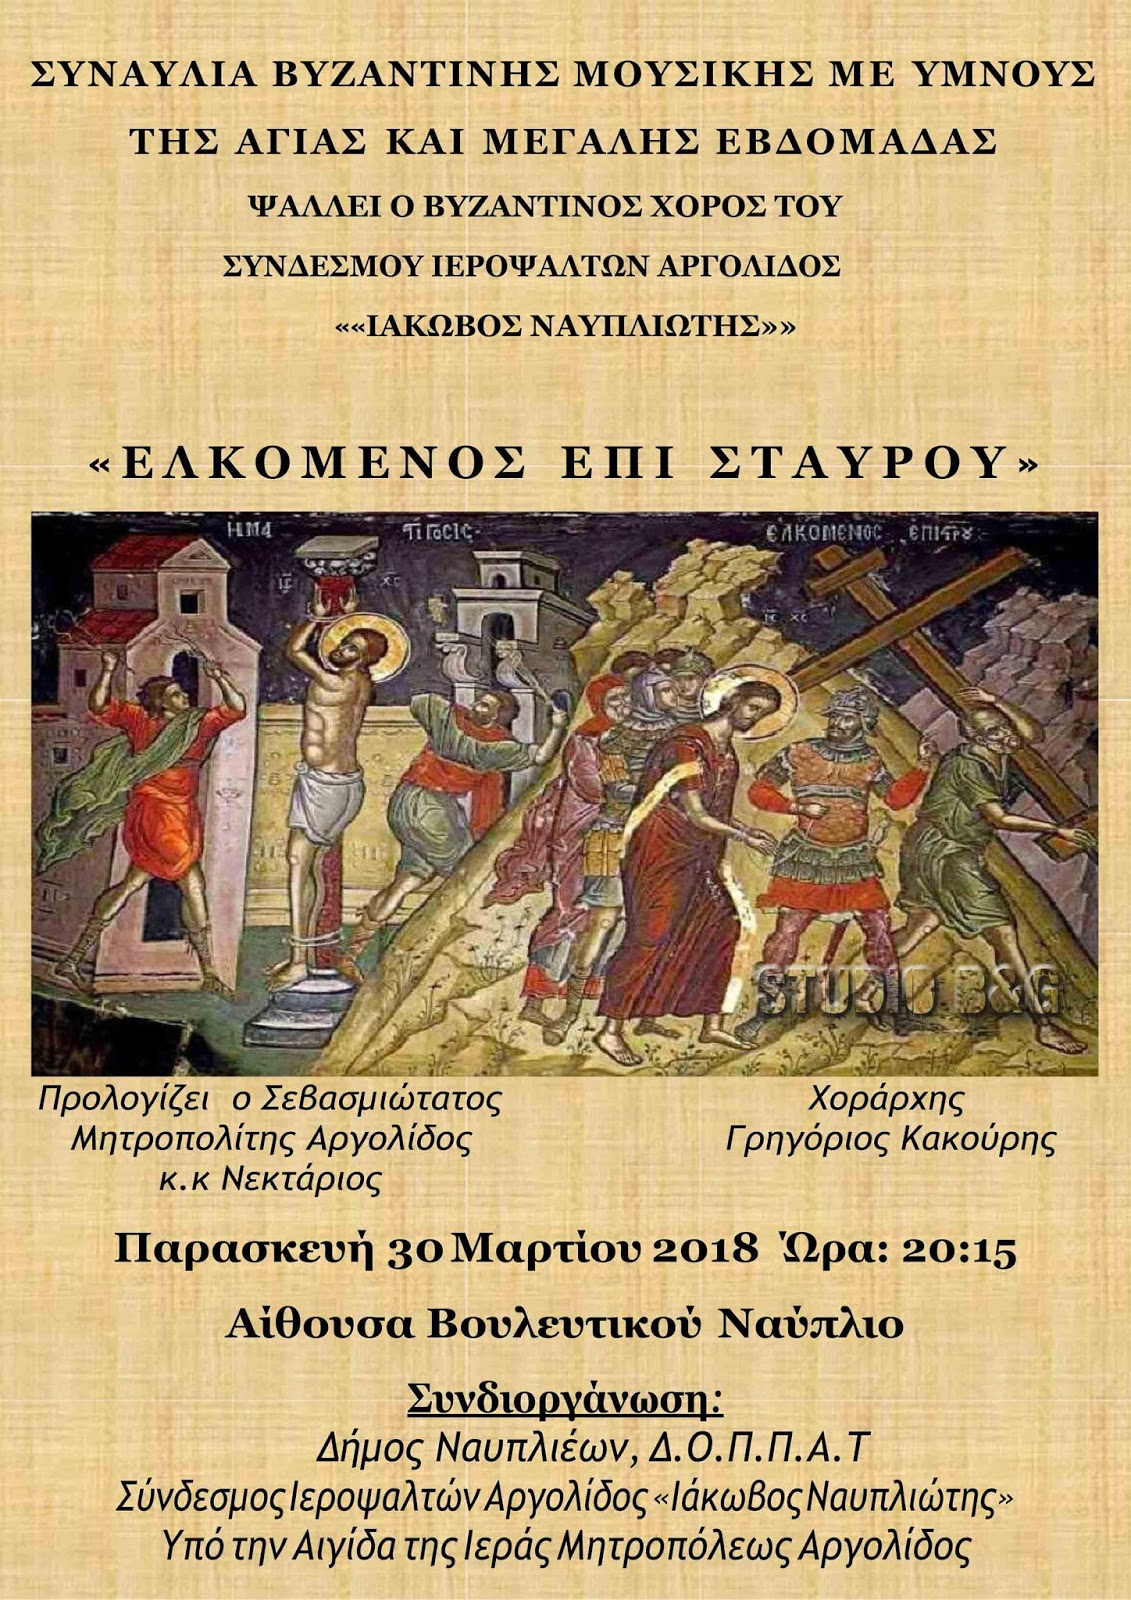 Συναυλία Βυζαντινής Μουσικής με Ύμνους της Αγίας και Μεγάλης Εβδομάδας